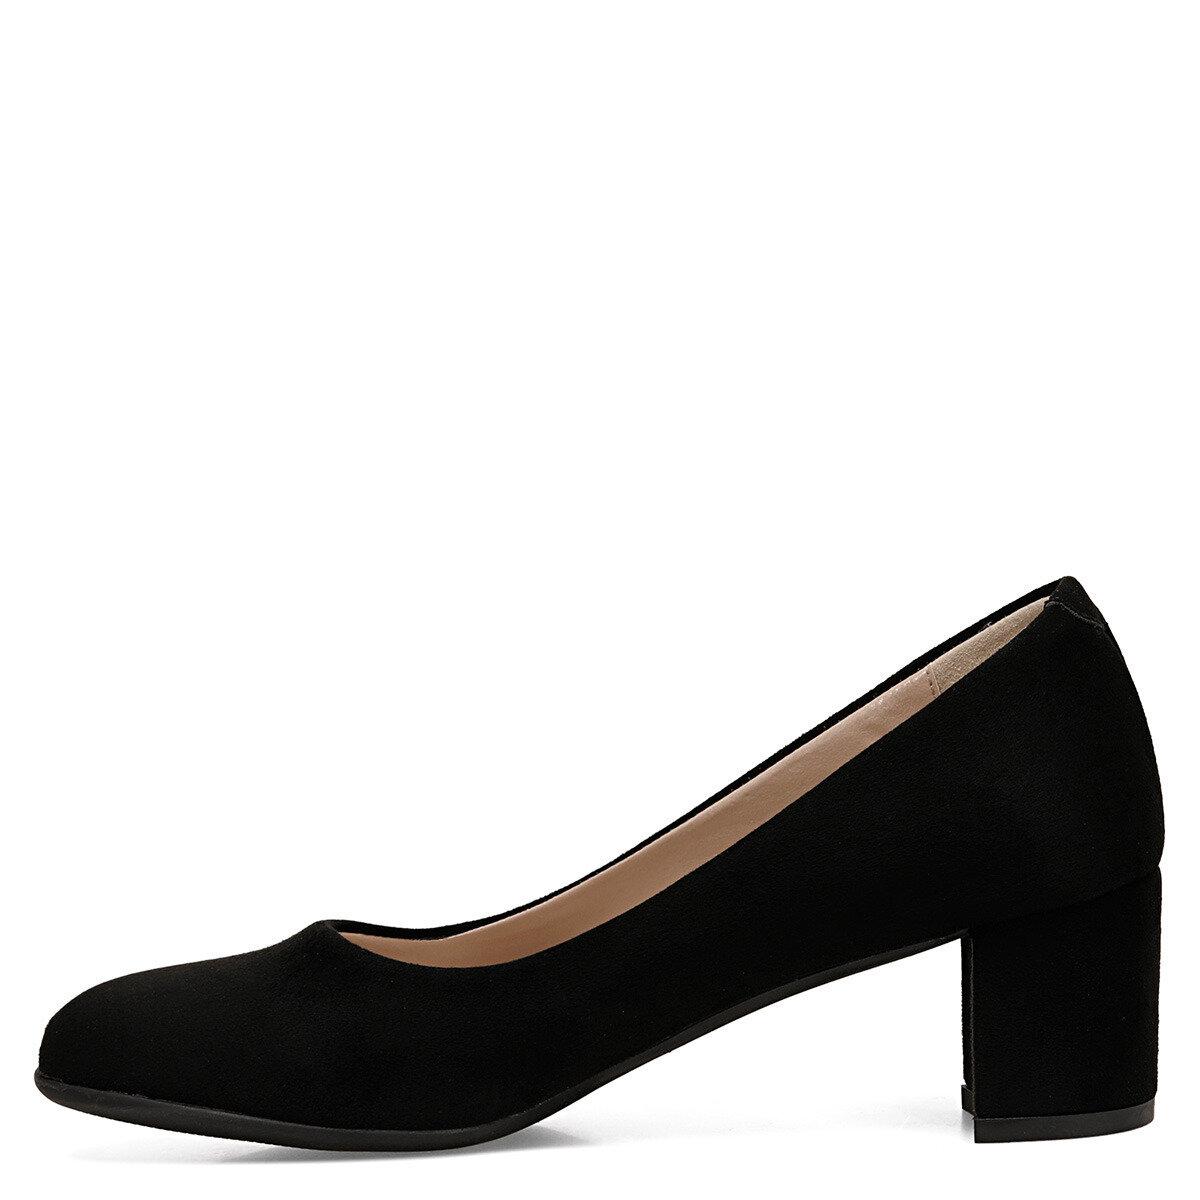 LELANO Siyah Kadın Topuklu Ayakkabı